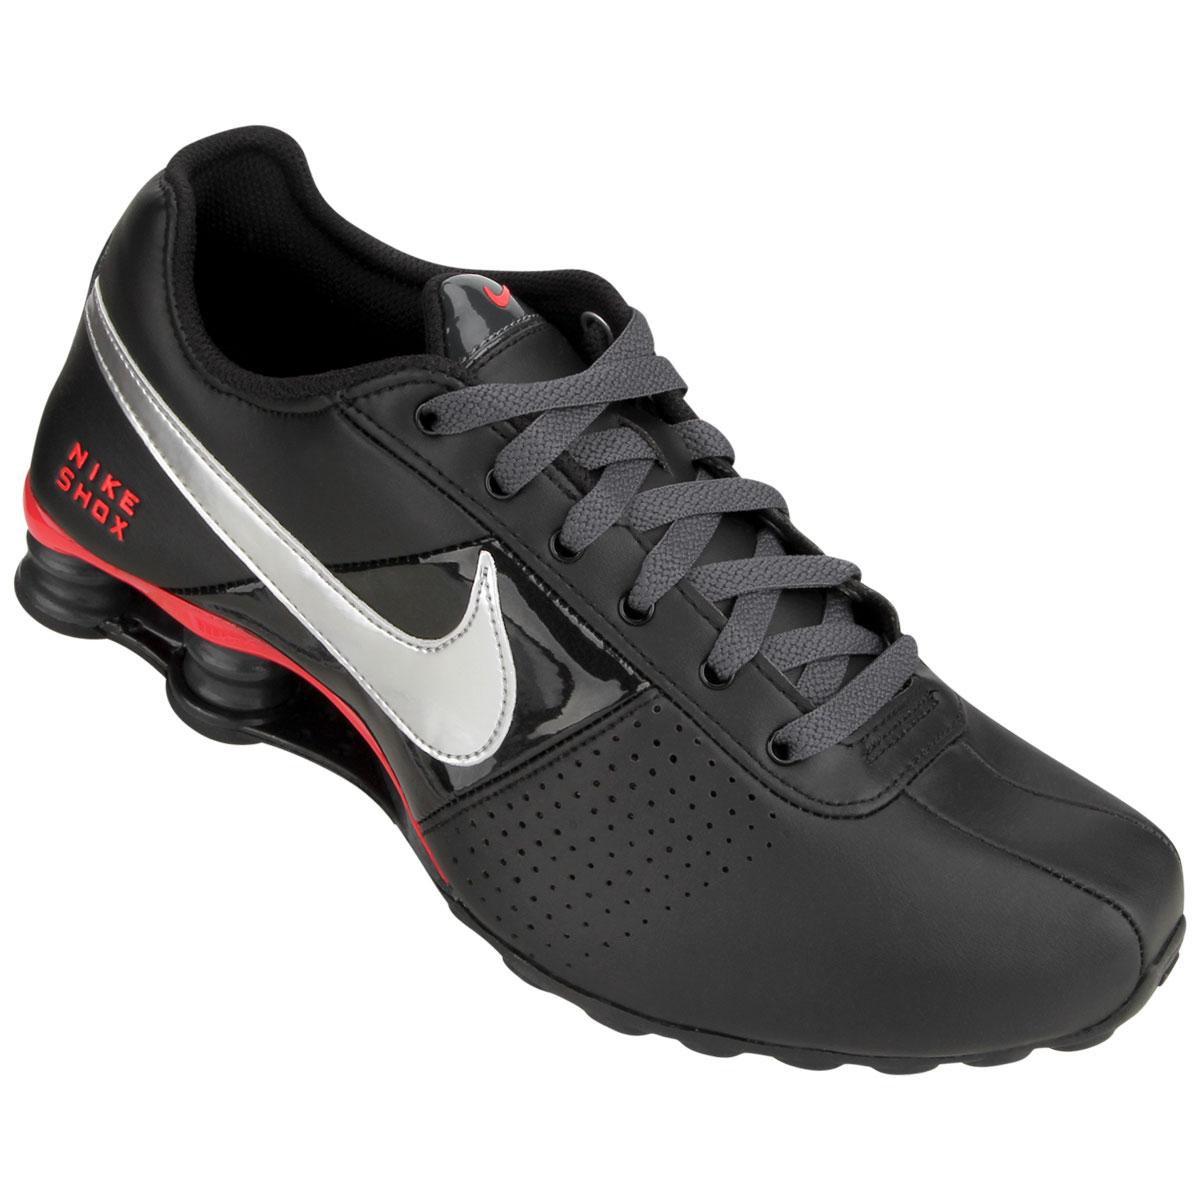 40fd6726619 ... replica 694e0 eb988 Tênis Nike Shox Deliver - Preto e Vermelho . ...